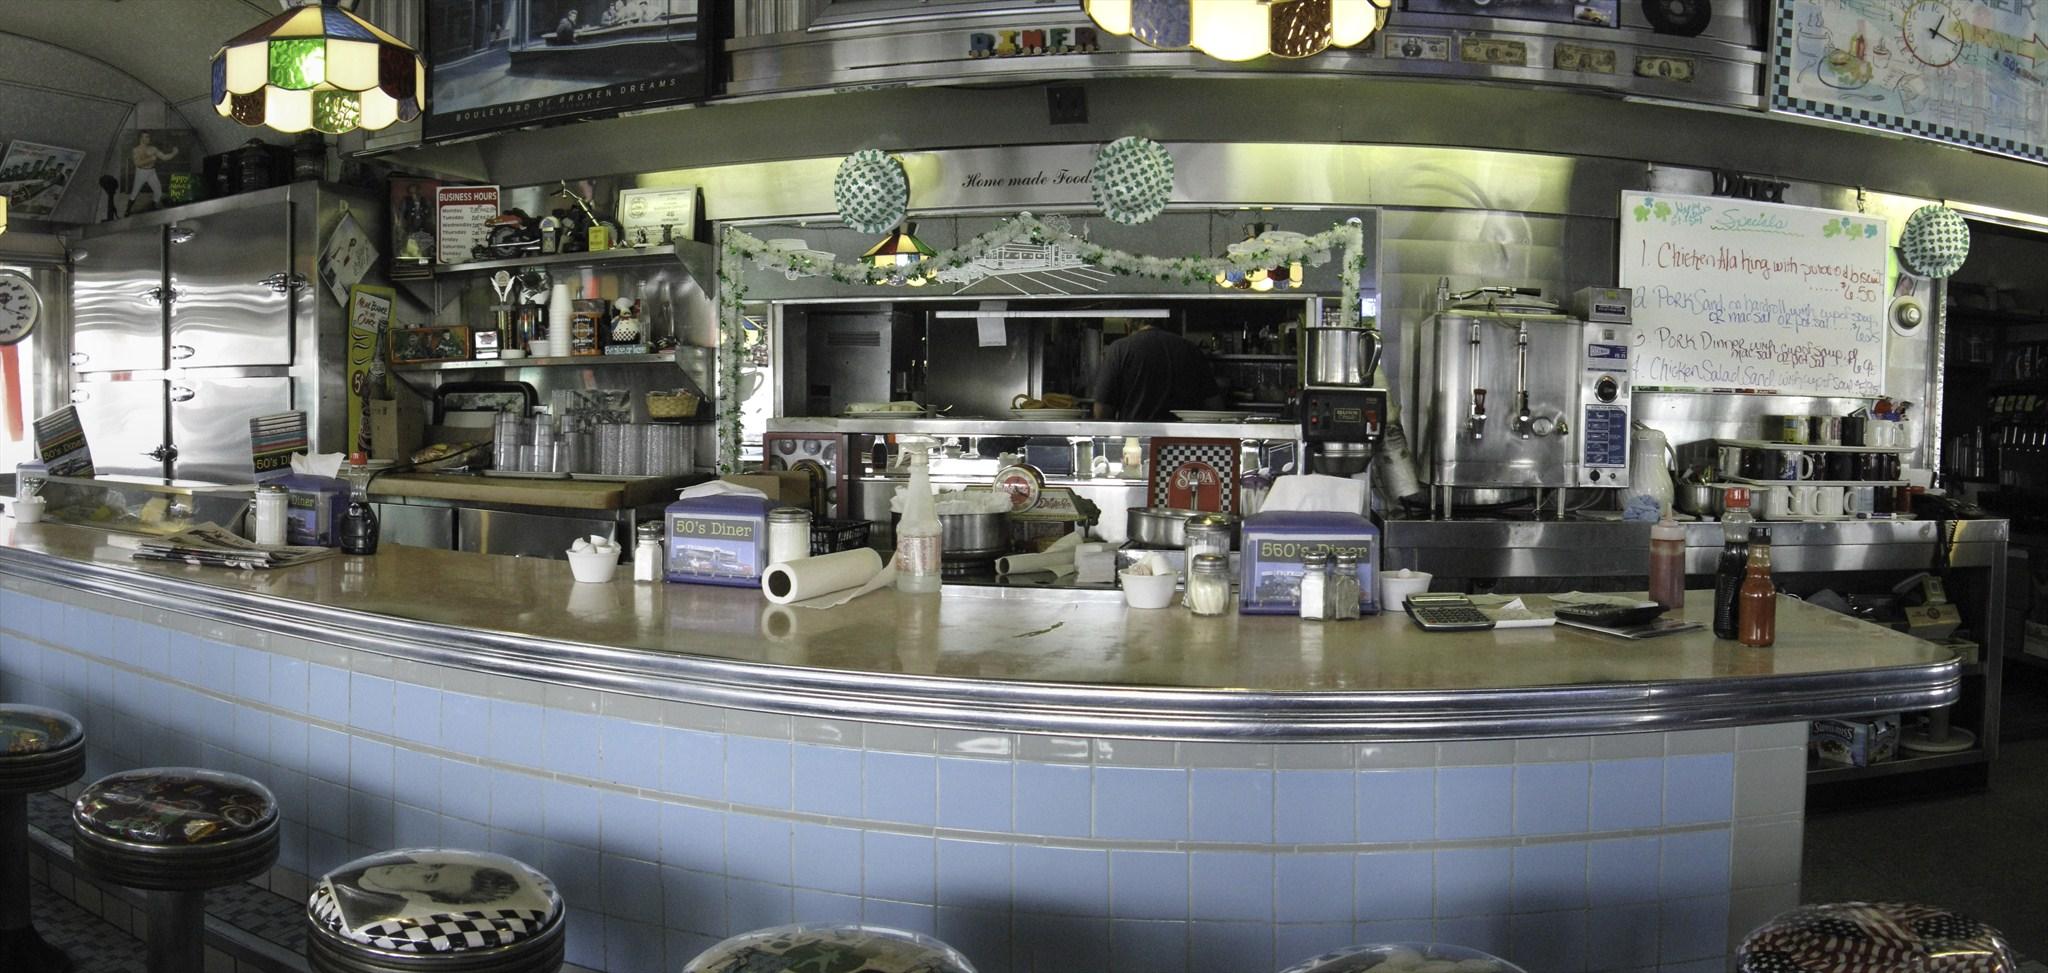 50 39 s diner interior vogel 2 for Diner interior